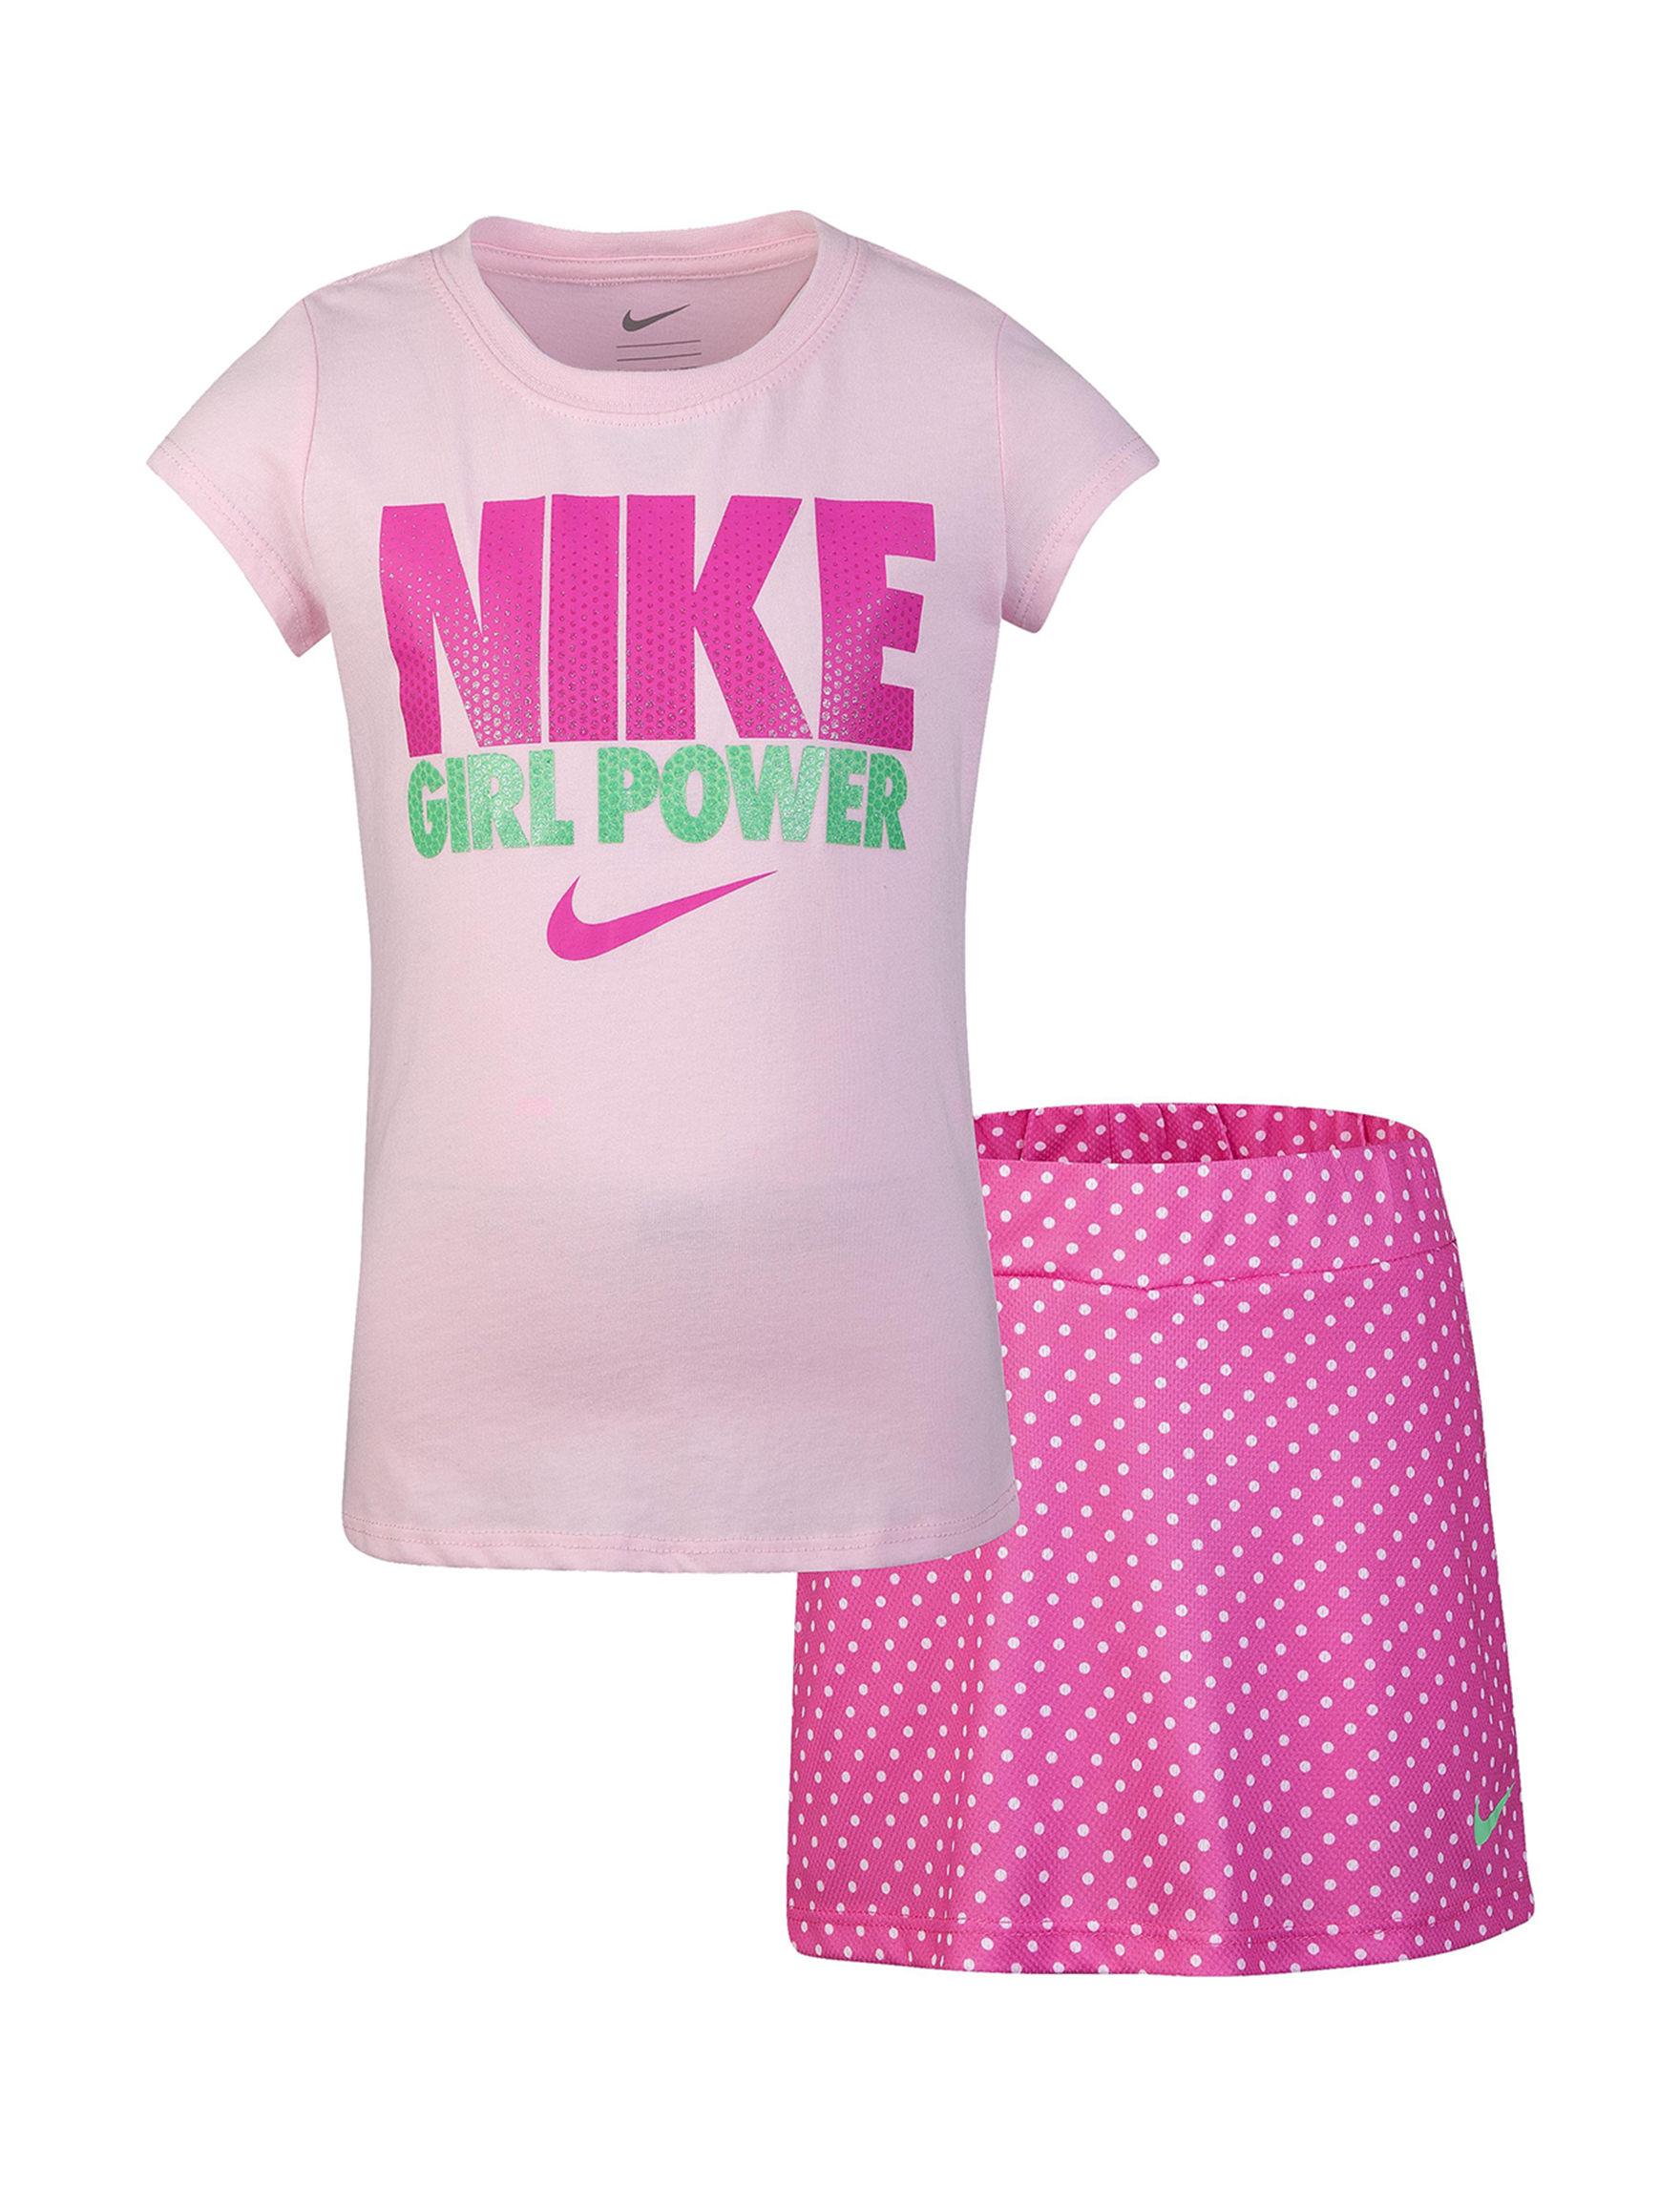 Nike Pink / Green